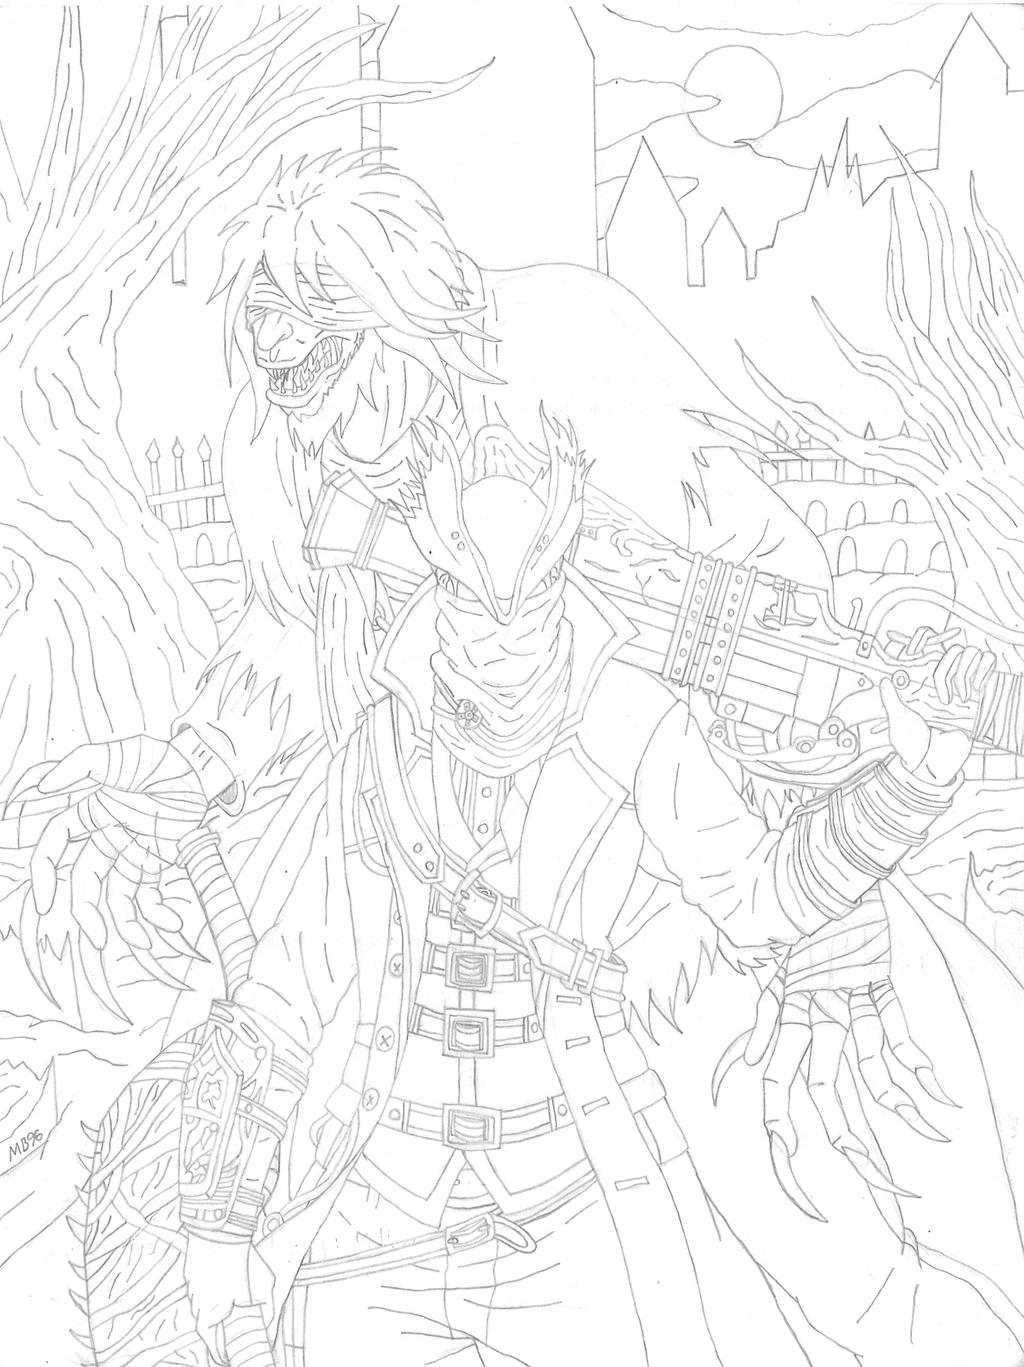 El secreto de un gran cazador - Sketch